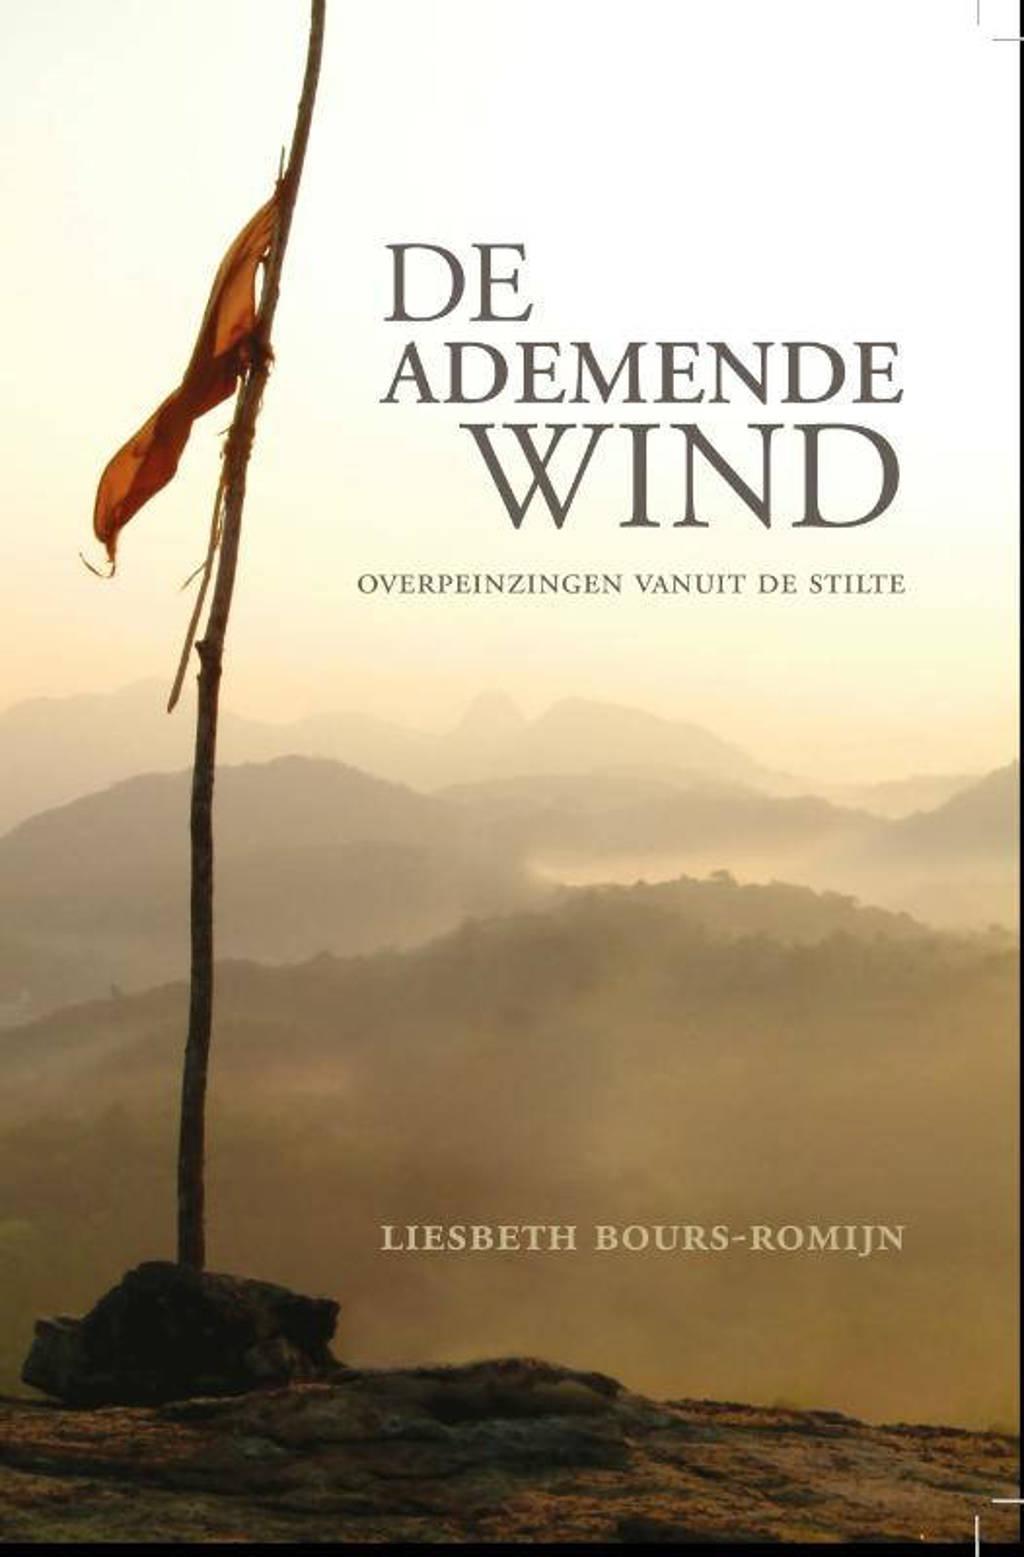 De ademende wind - Liesbeth Bours-Romijn